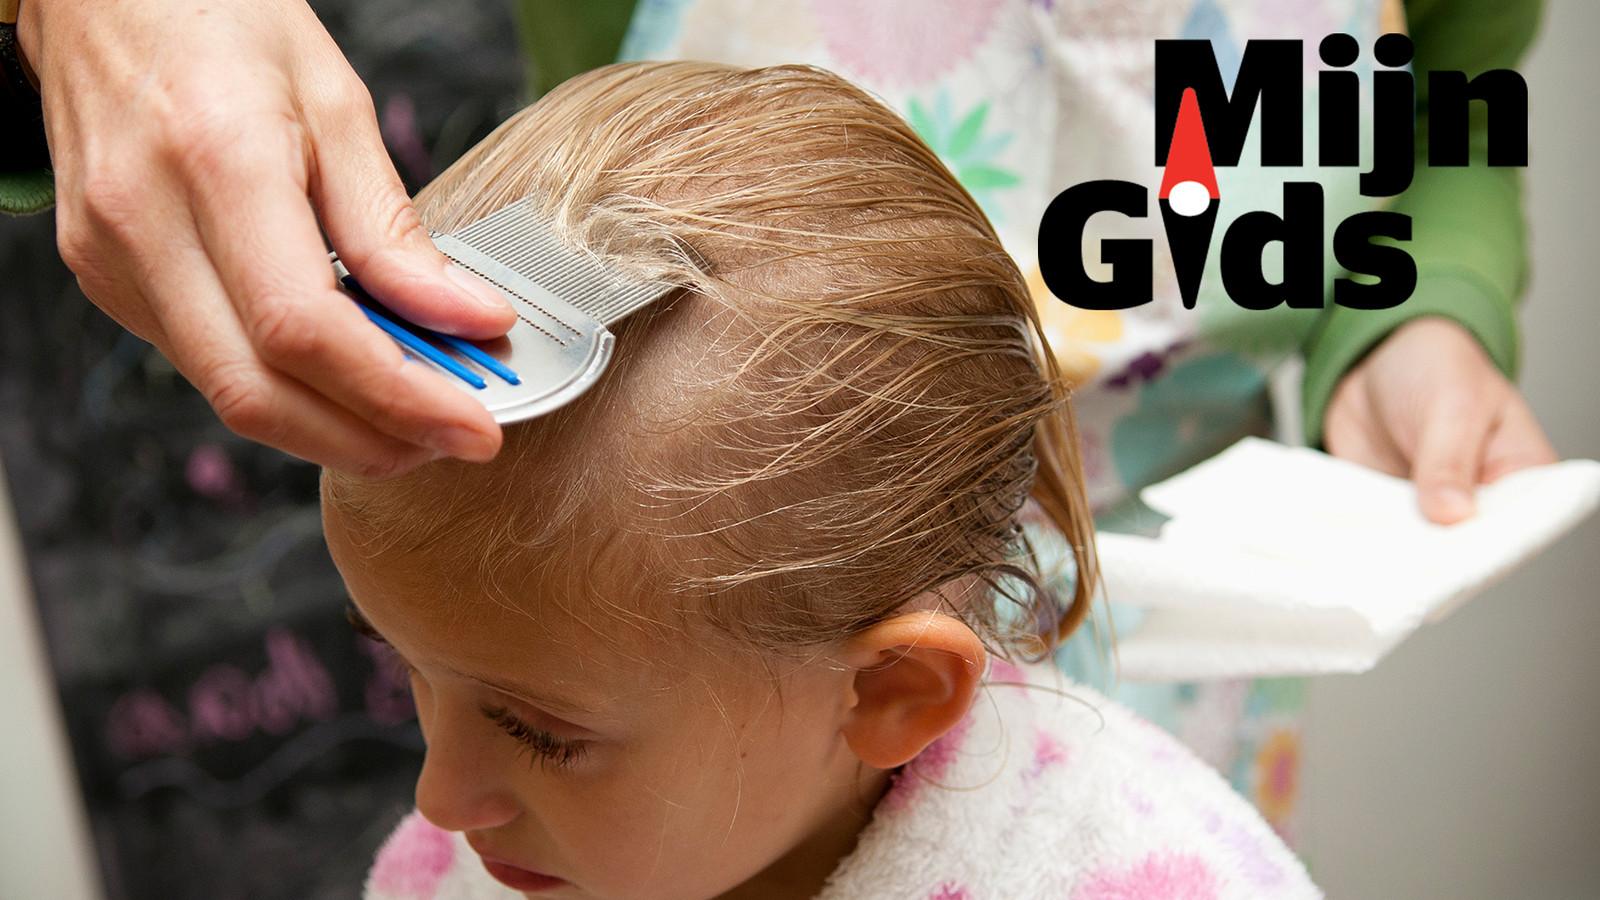 Kam het haar met de luizenkam, van voor naar achter en opnieuw van het ene oor naar het andere.